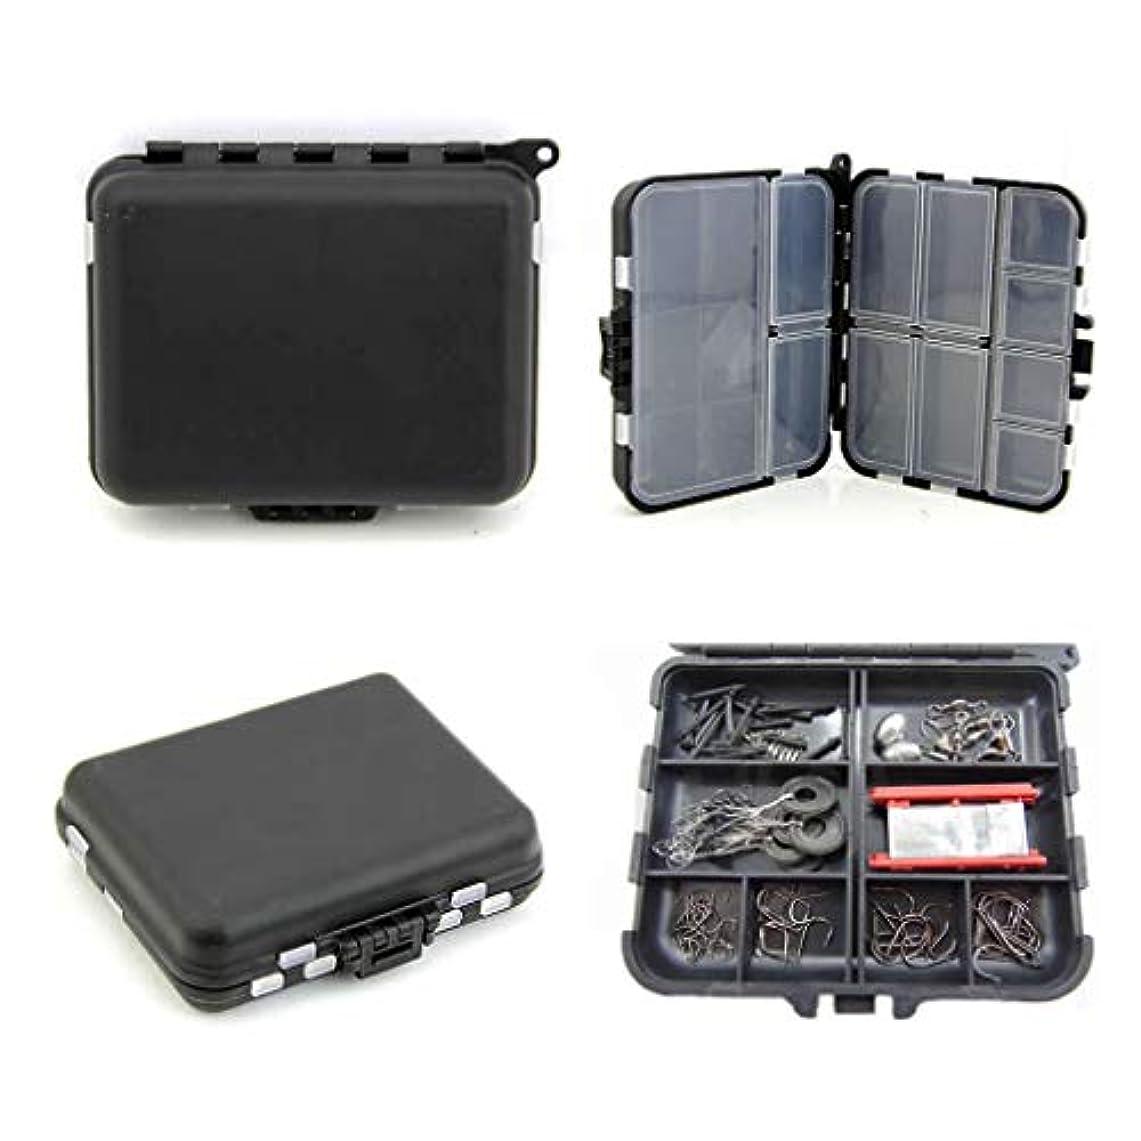 耐える才能のある関係ないAgordo 釣りルアー タックルフック ベイト ブラック 26セル プラスチック収納ボックスケース